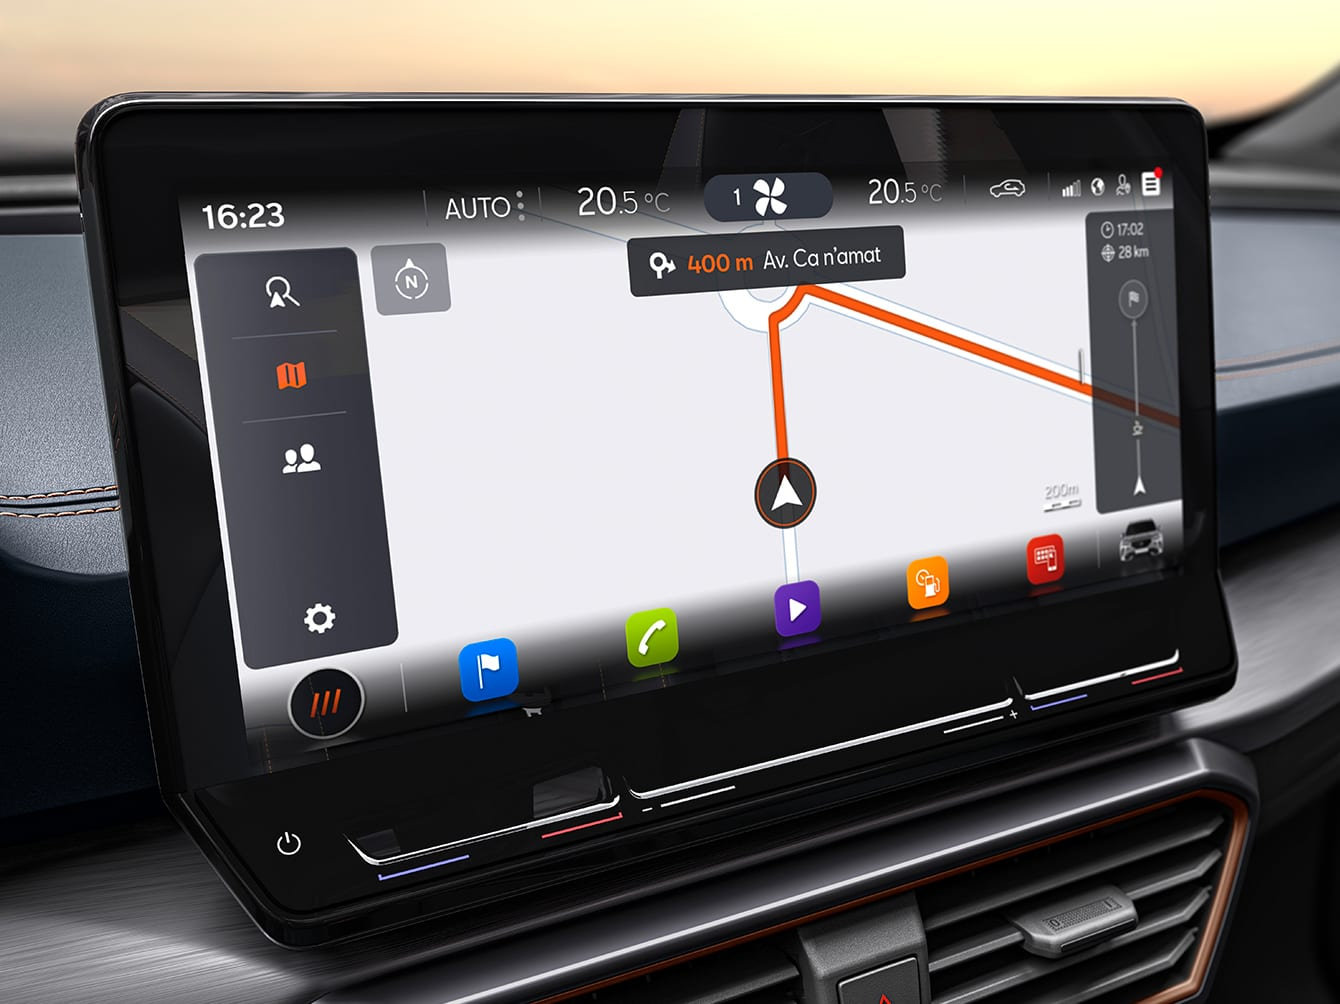 écran de navigation 12 pouces de la cupra formentor avec services de cartographie